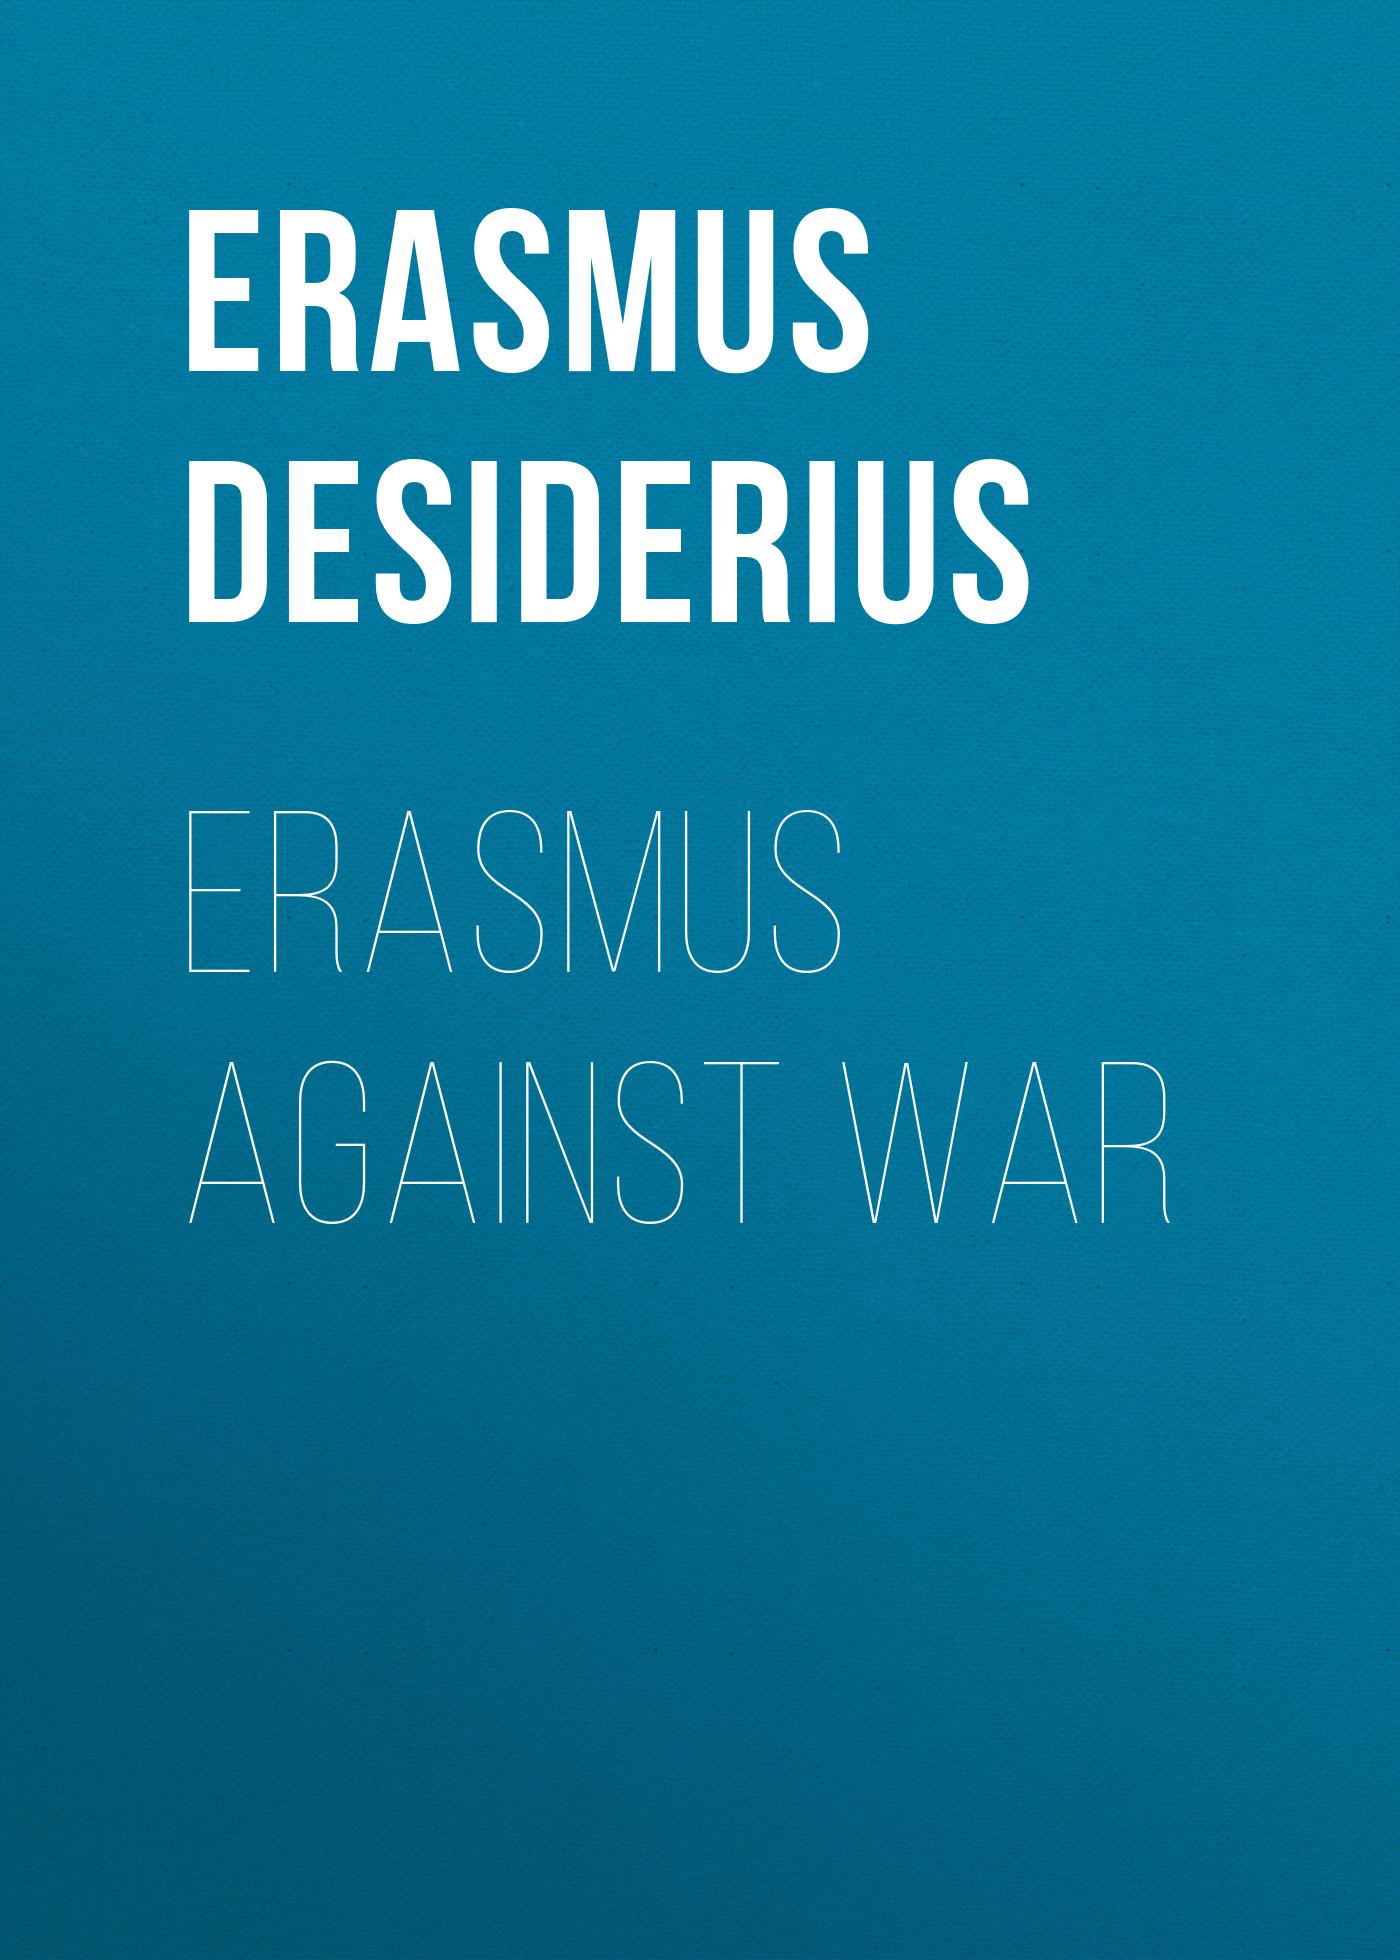 Erasmus Desiderius Erasmus Against War